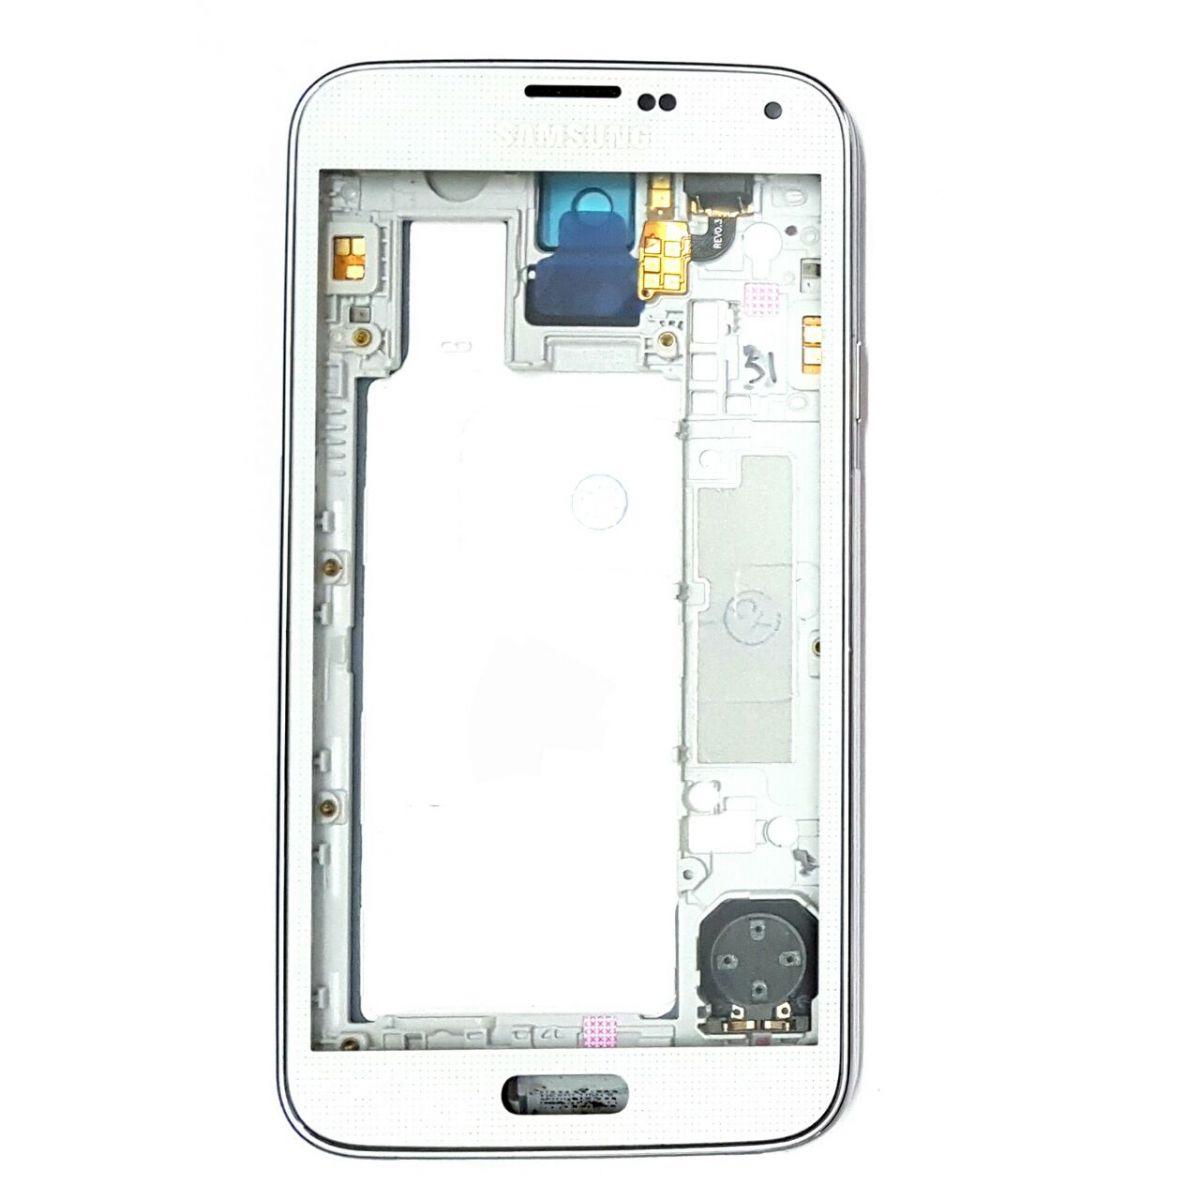 Carcaça Kit Completo com Chassis Aro e Lente de Vidro e Tampa Samsung S5 G900m Branco